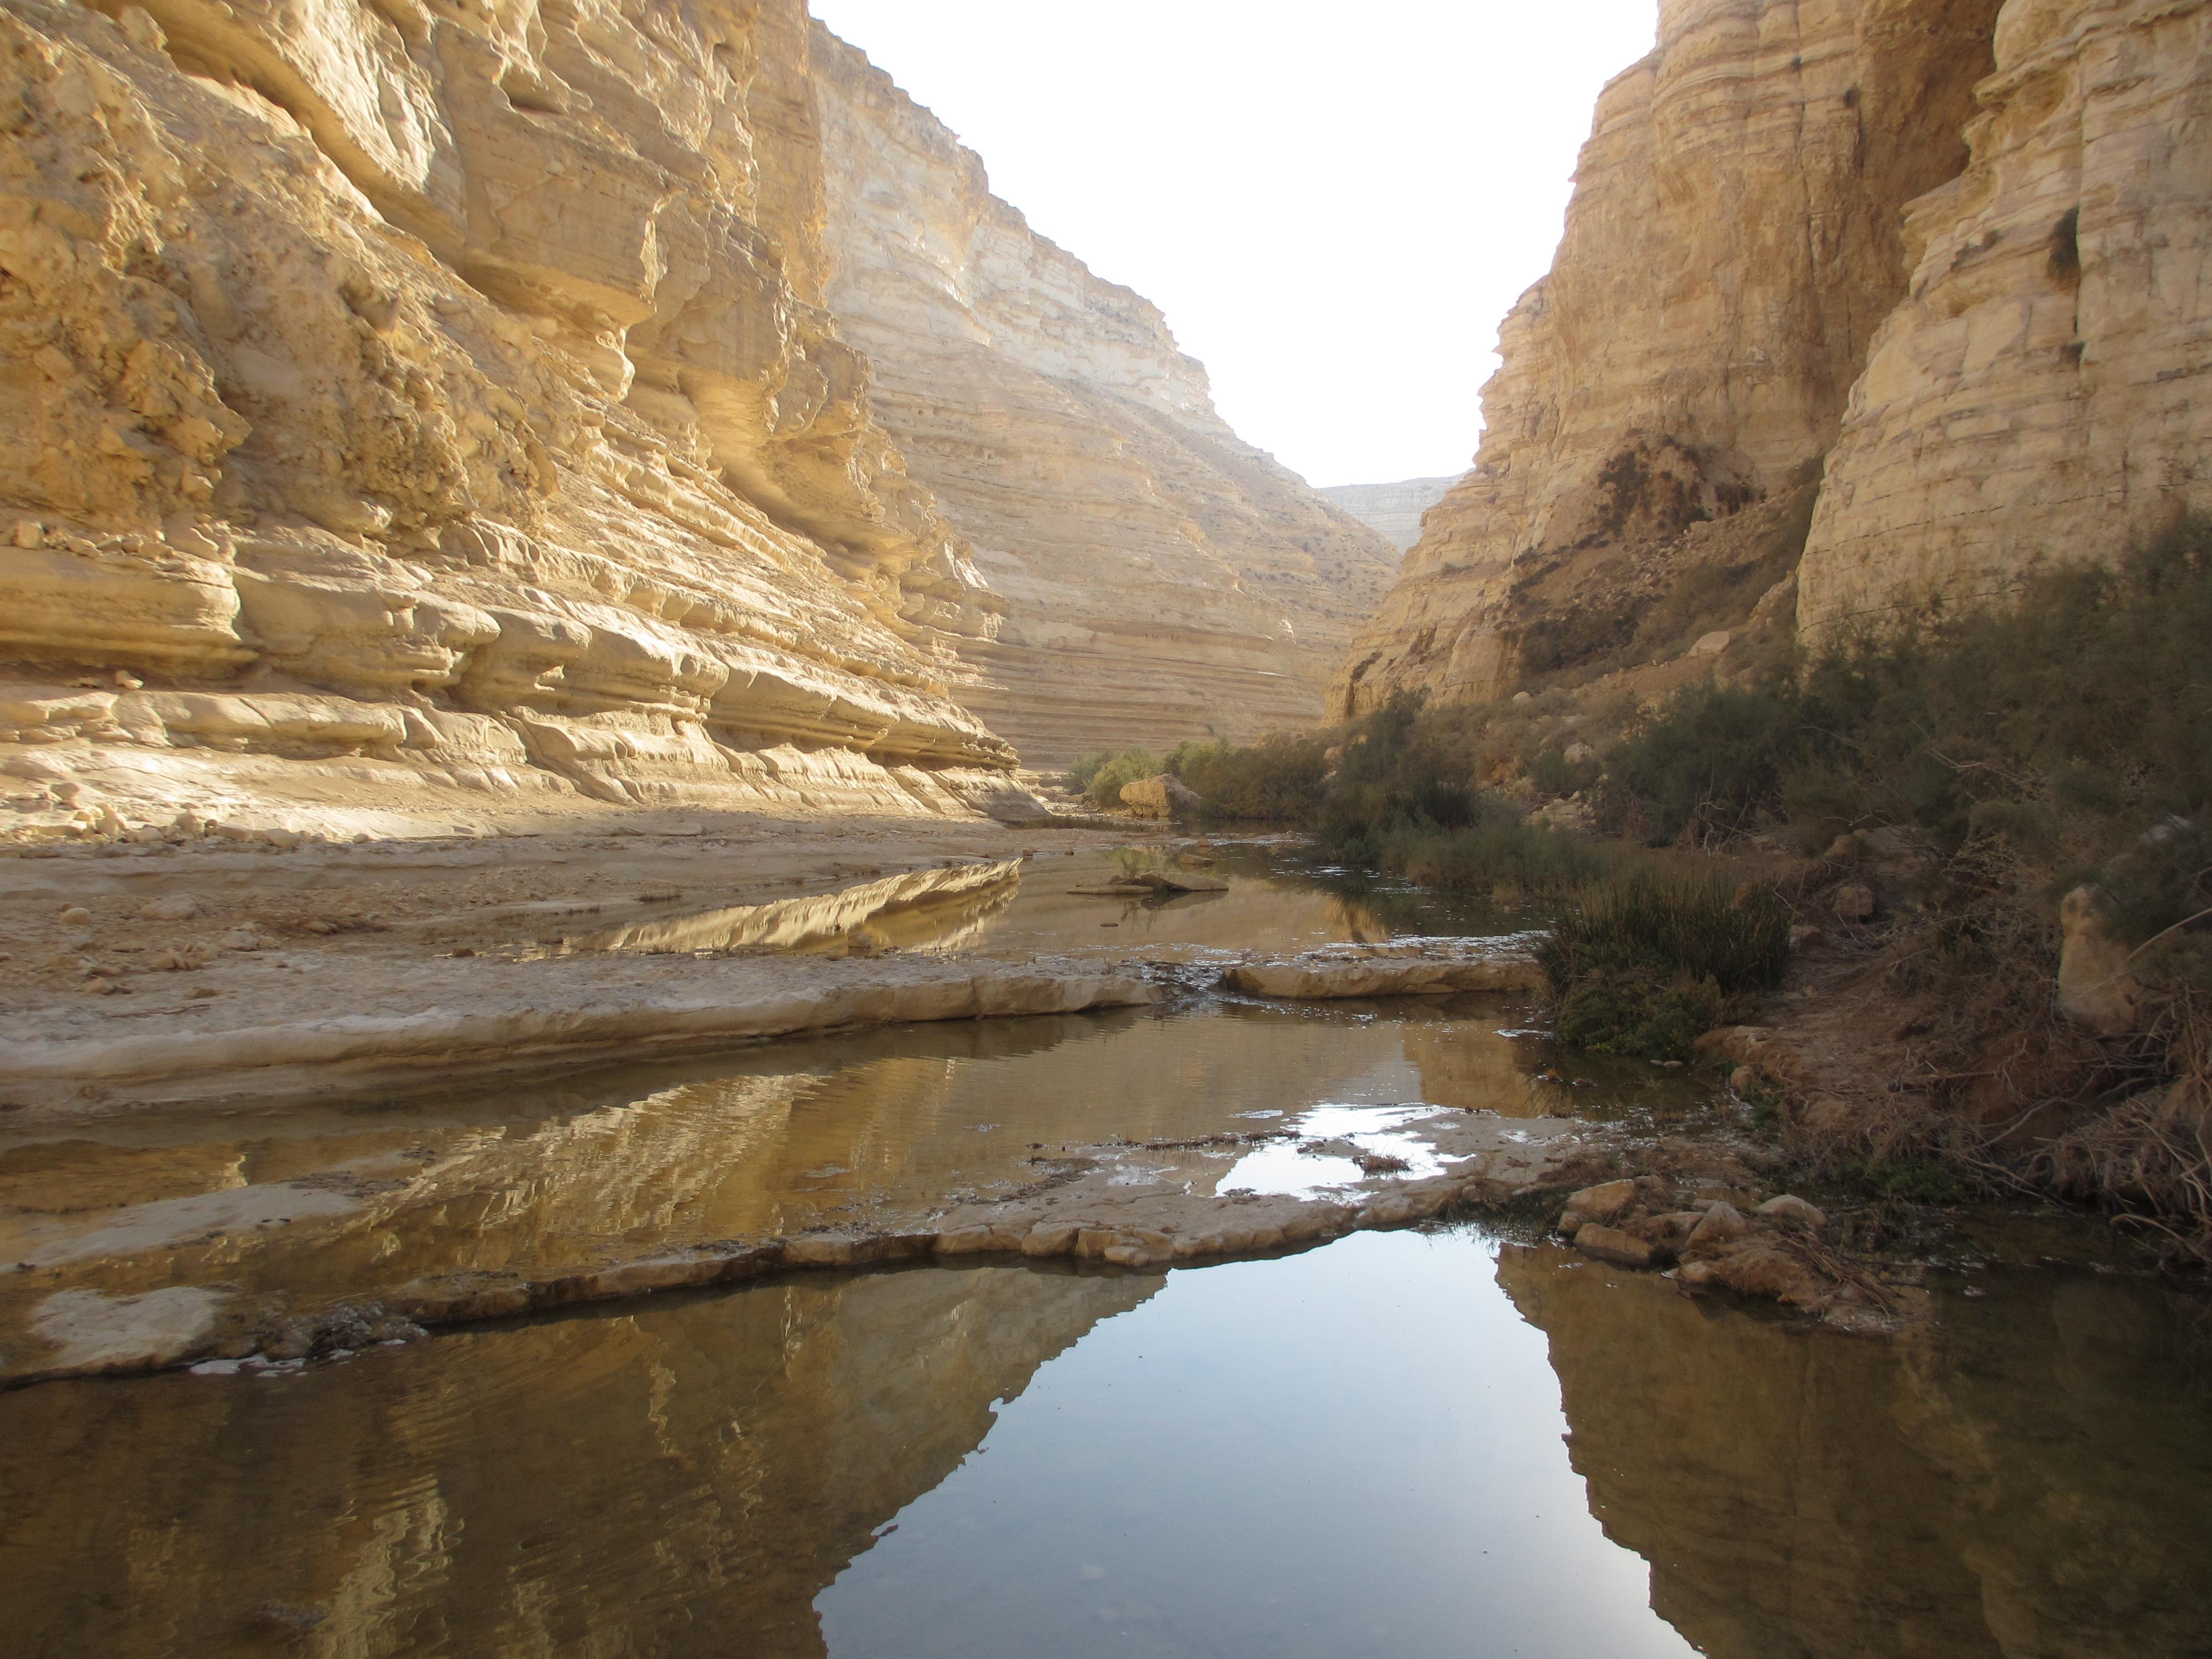 красивые пейзажи израиля фото продажей одежды принтами